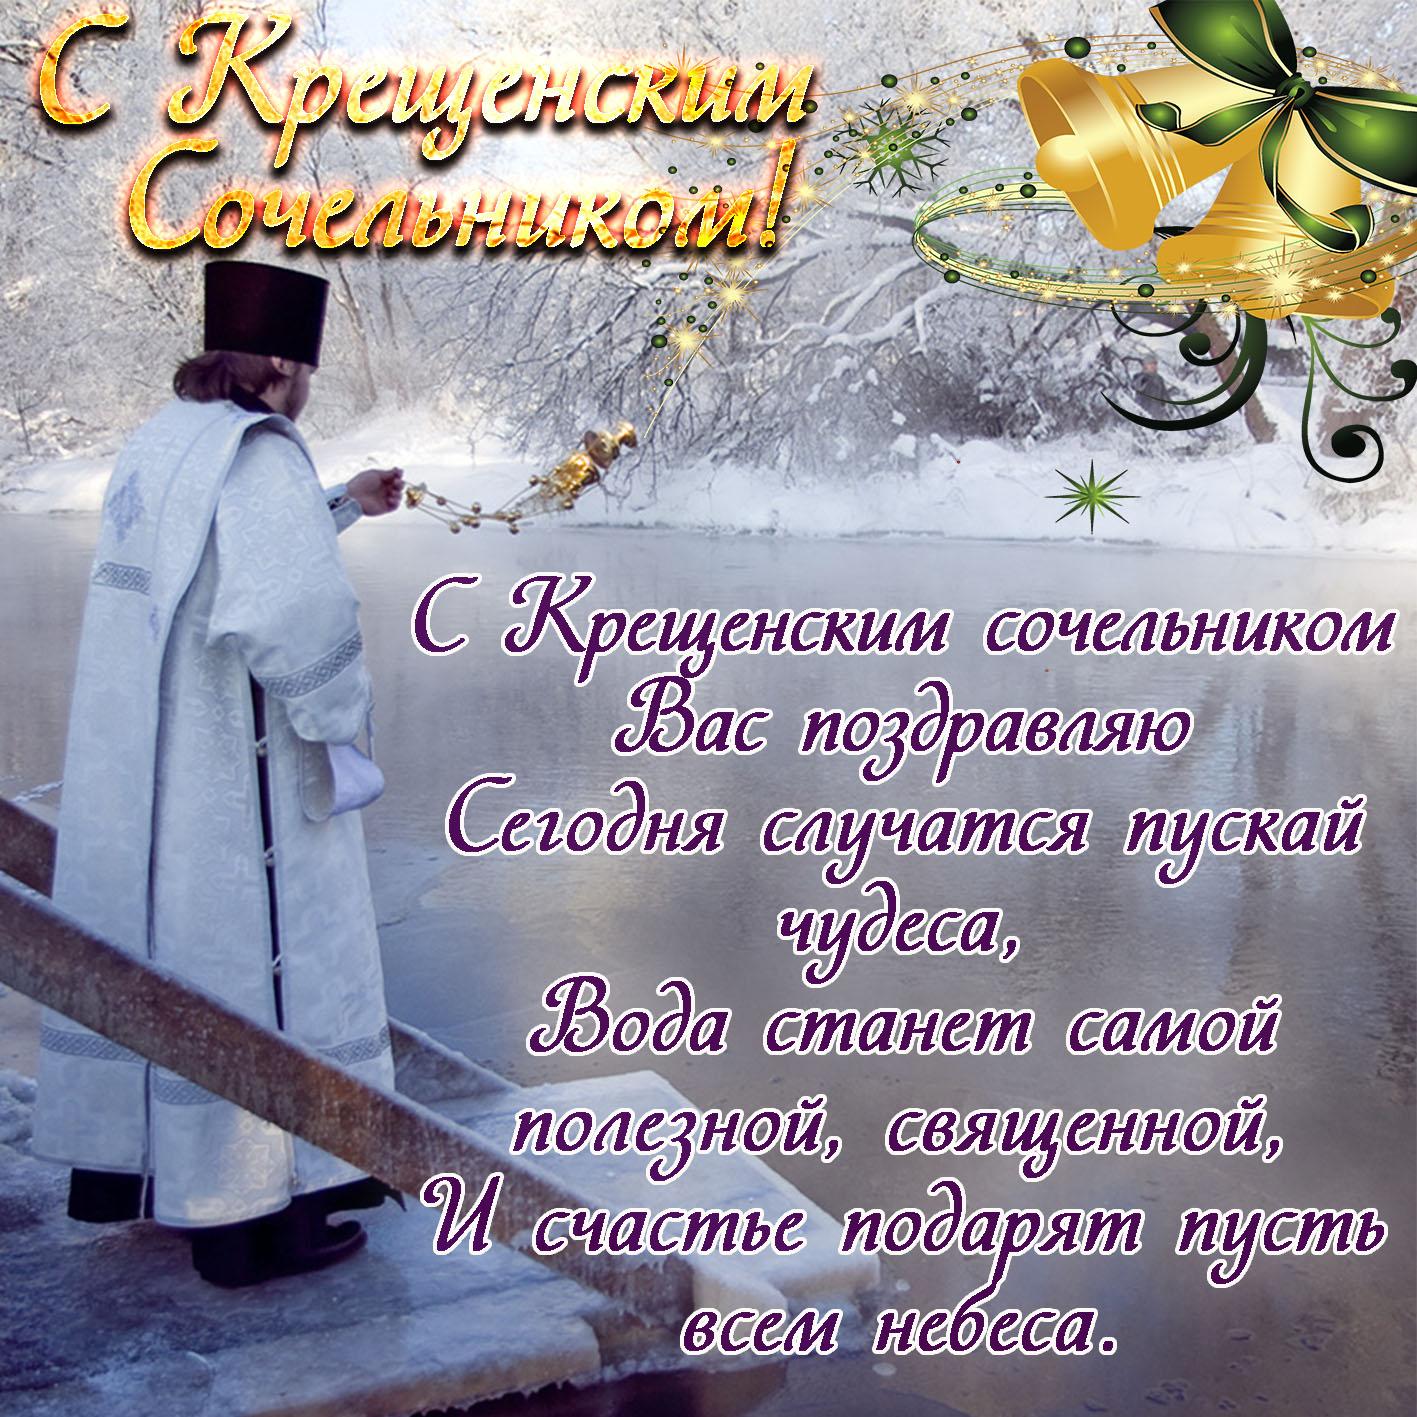 Открытки сочельник крещенский